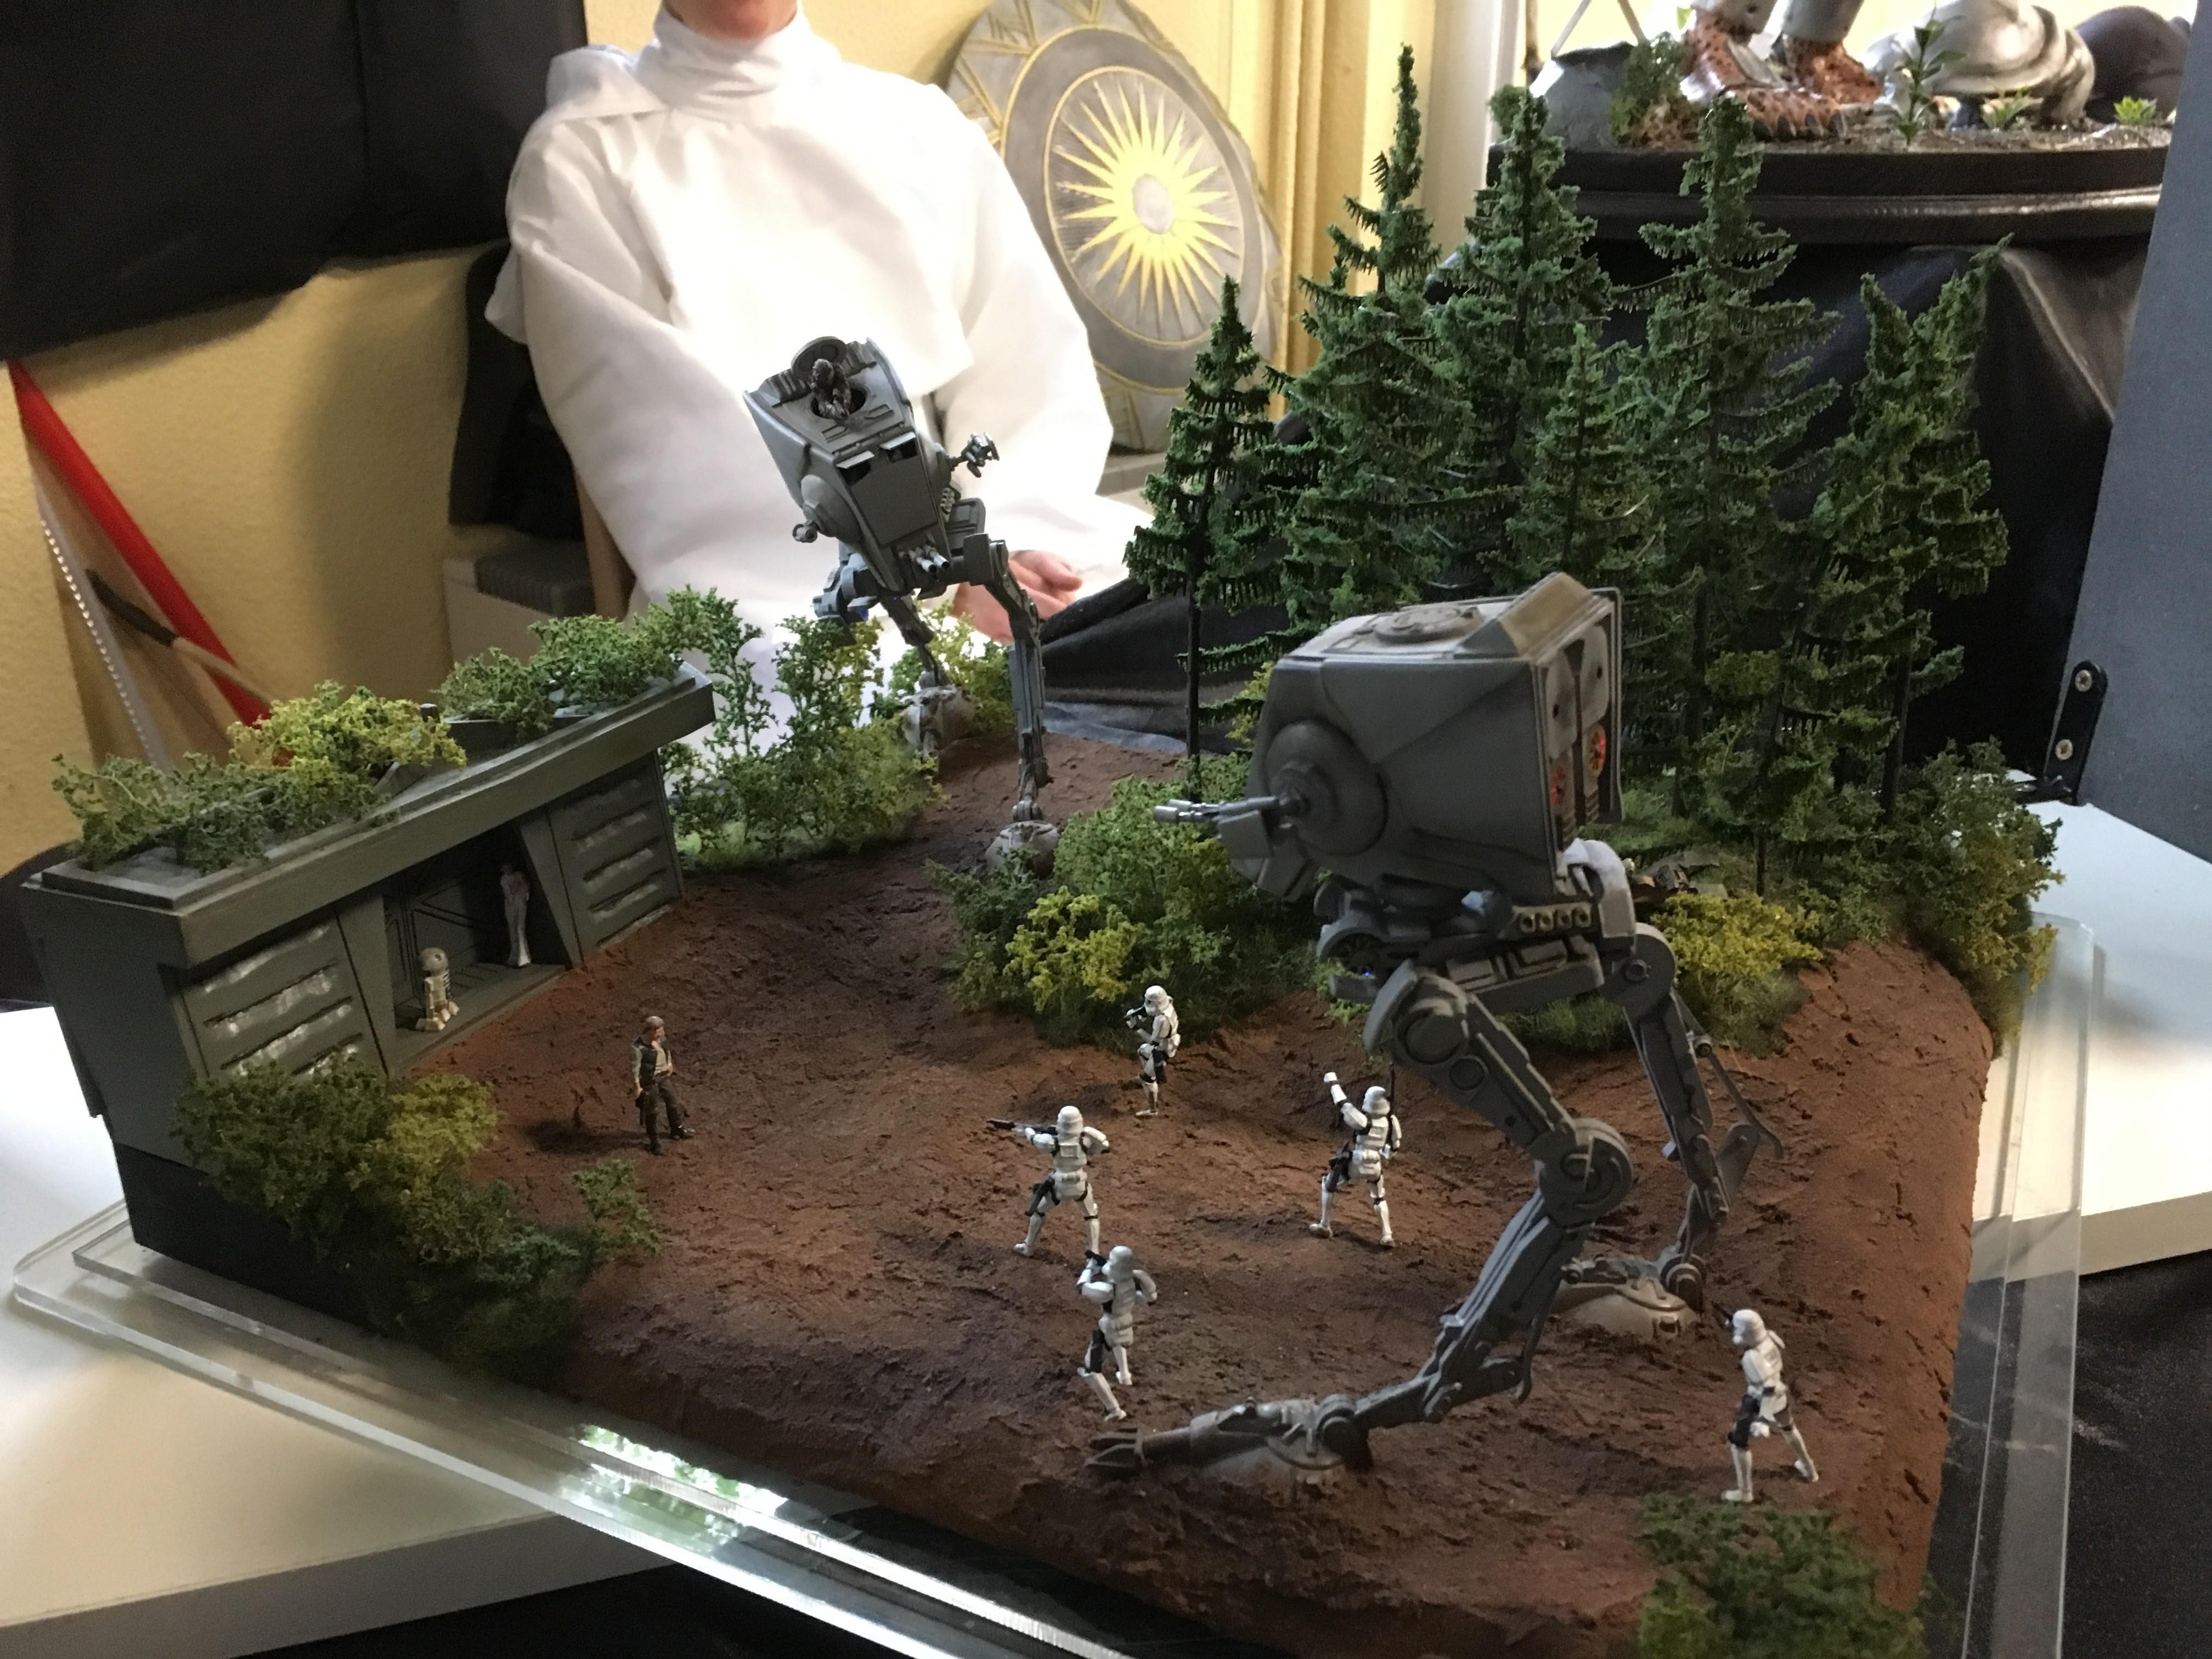 Générations Star Wars et SF 20ème édition - Cusset - 28 et 29 avril 2018 8ndHkZ